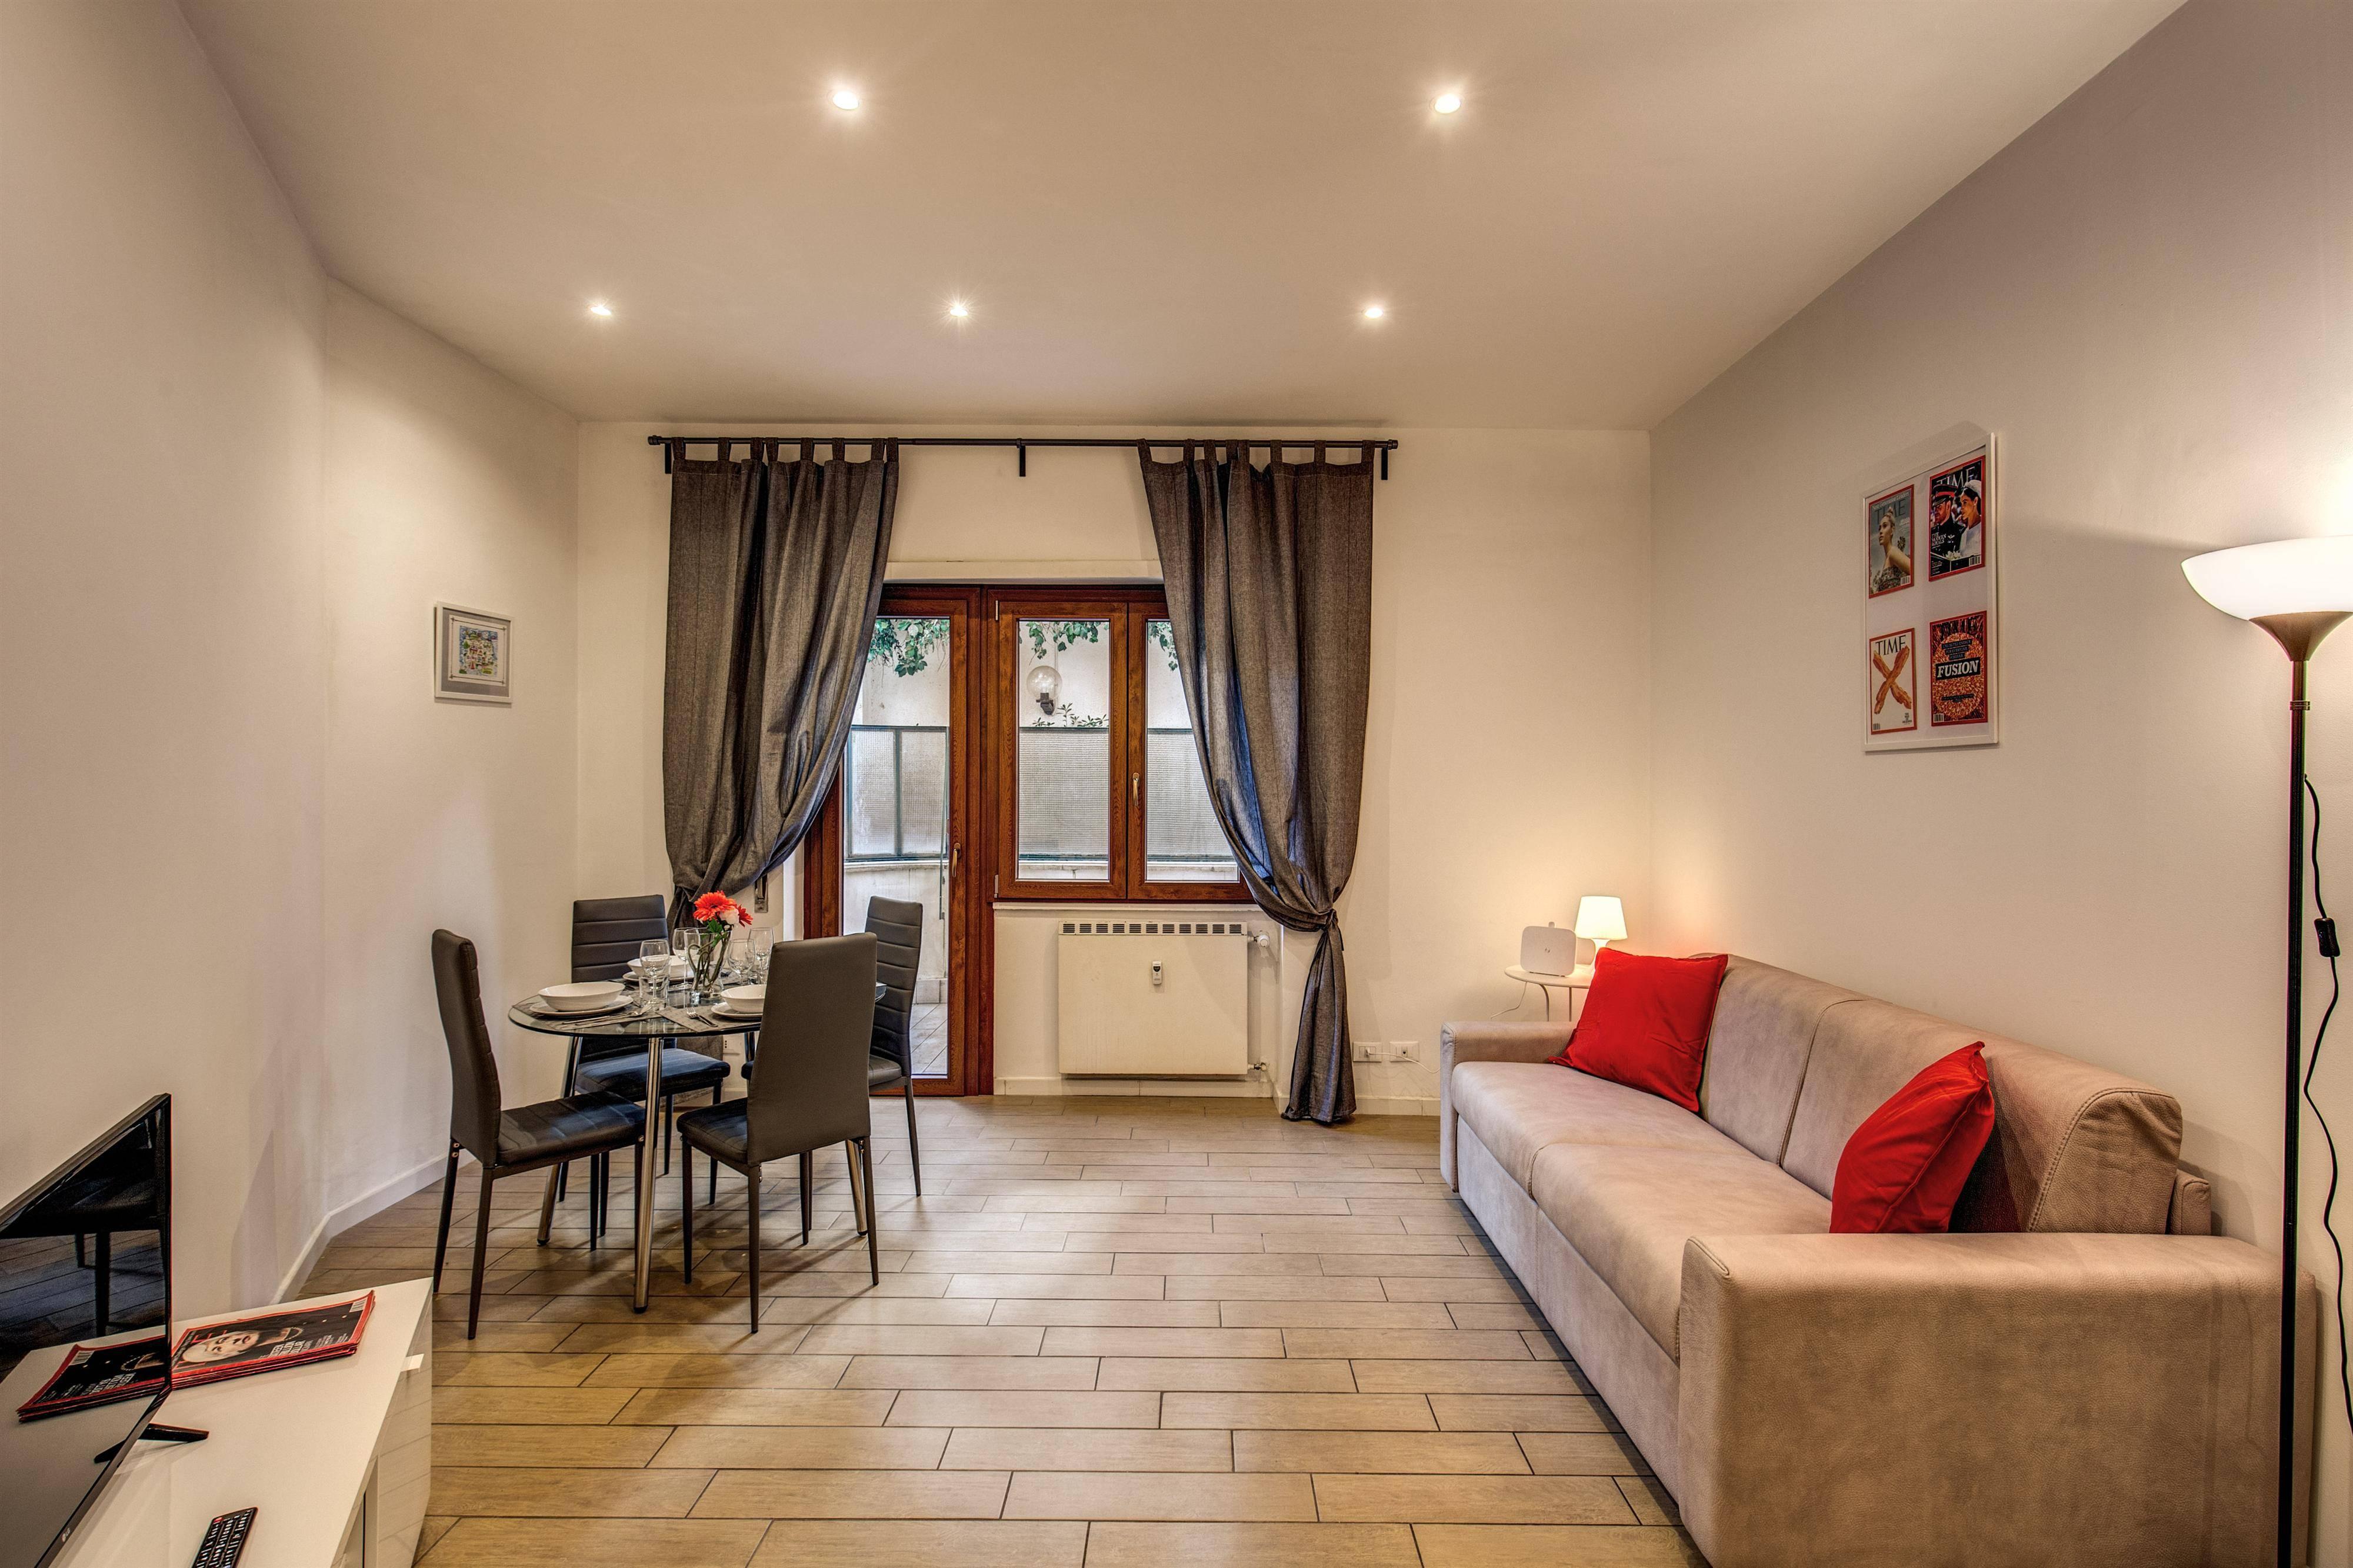 Недорогое жилье в риме, италия - советы путешественникам в выборе дешевого жилья